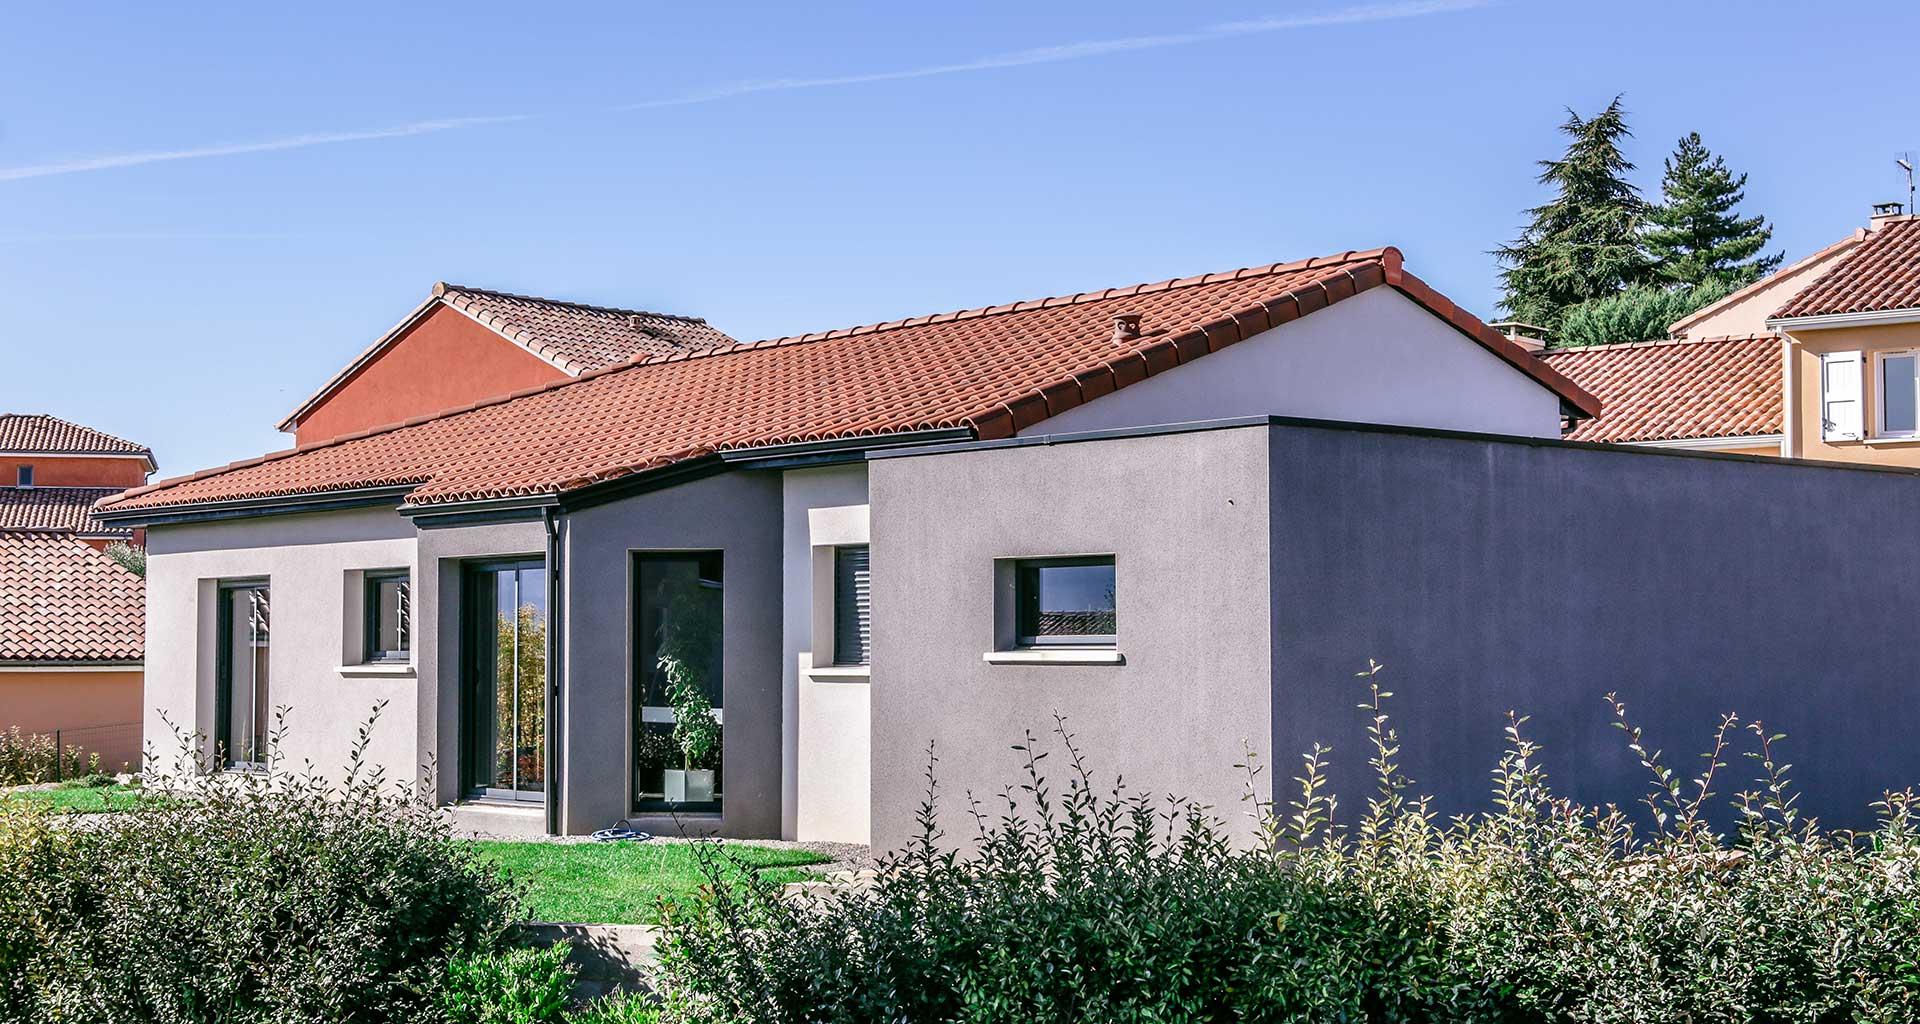 Maison traditionnelle euro12 construction rodez for Constructeur maison individuelle aveyron